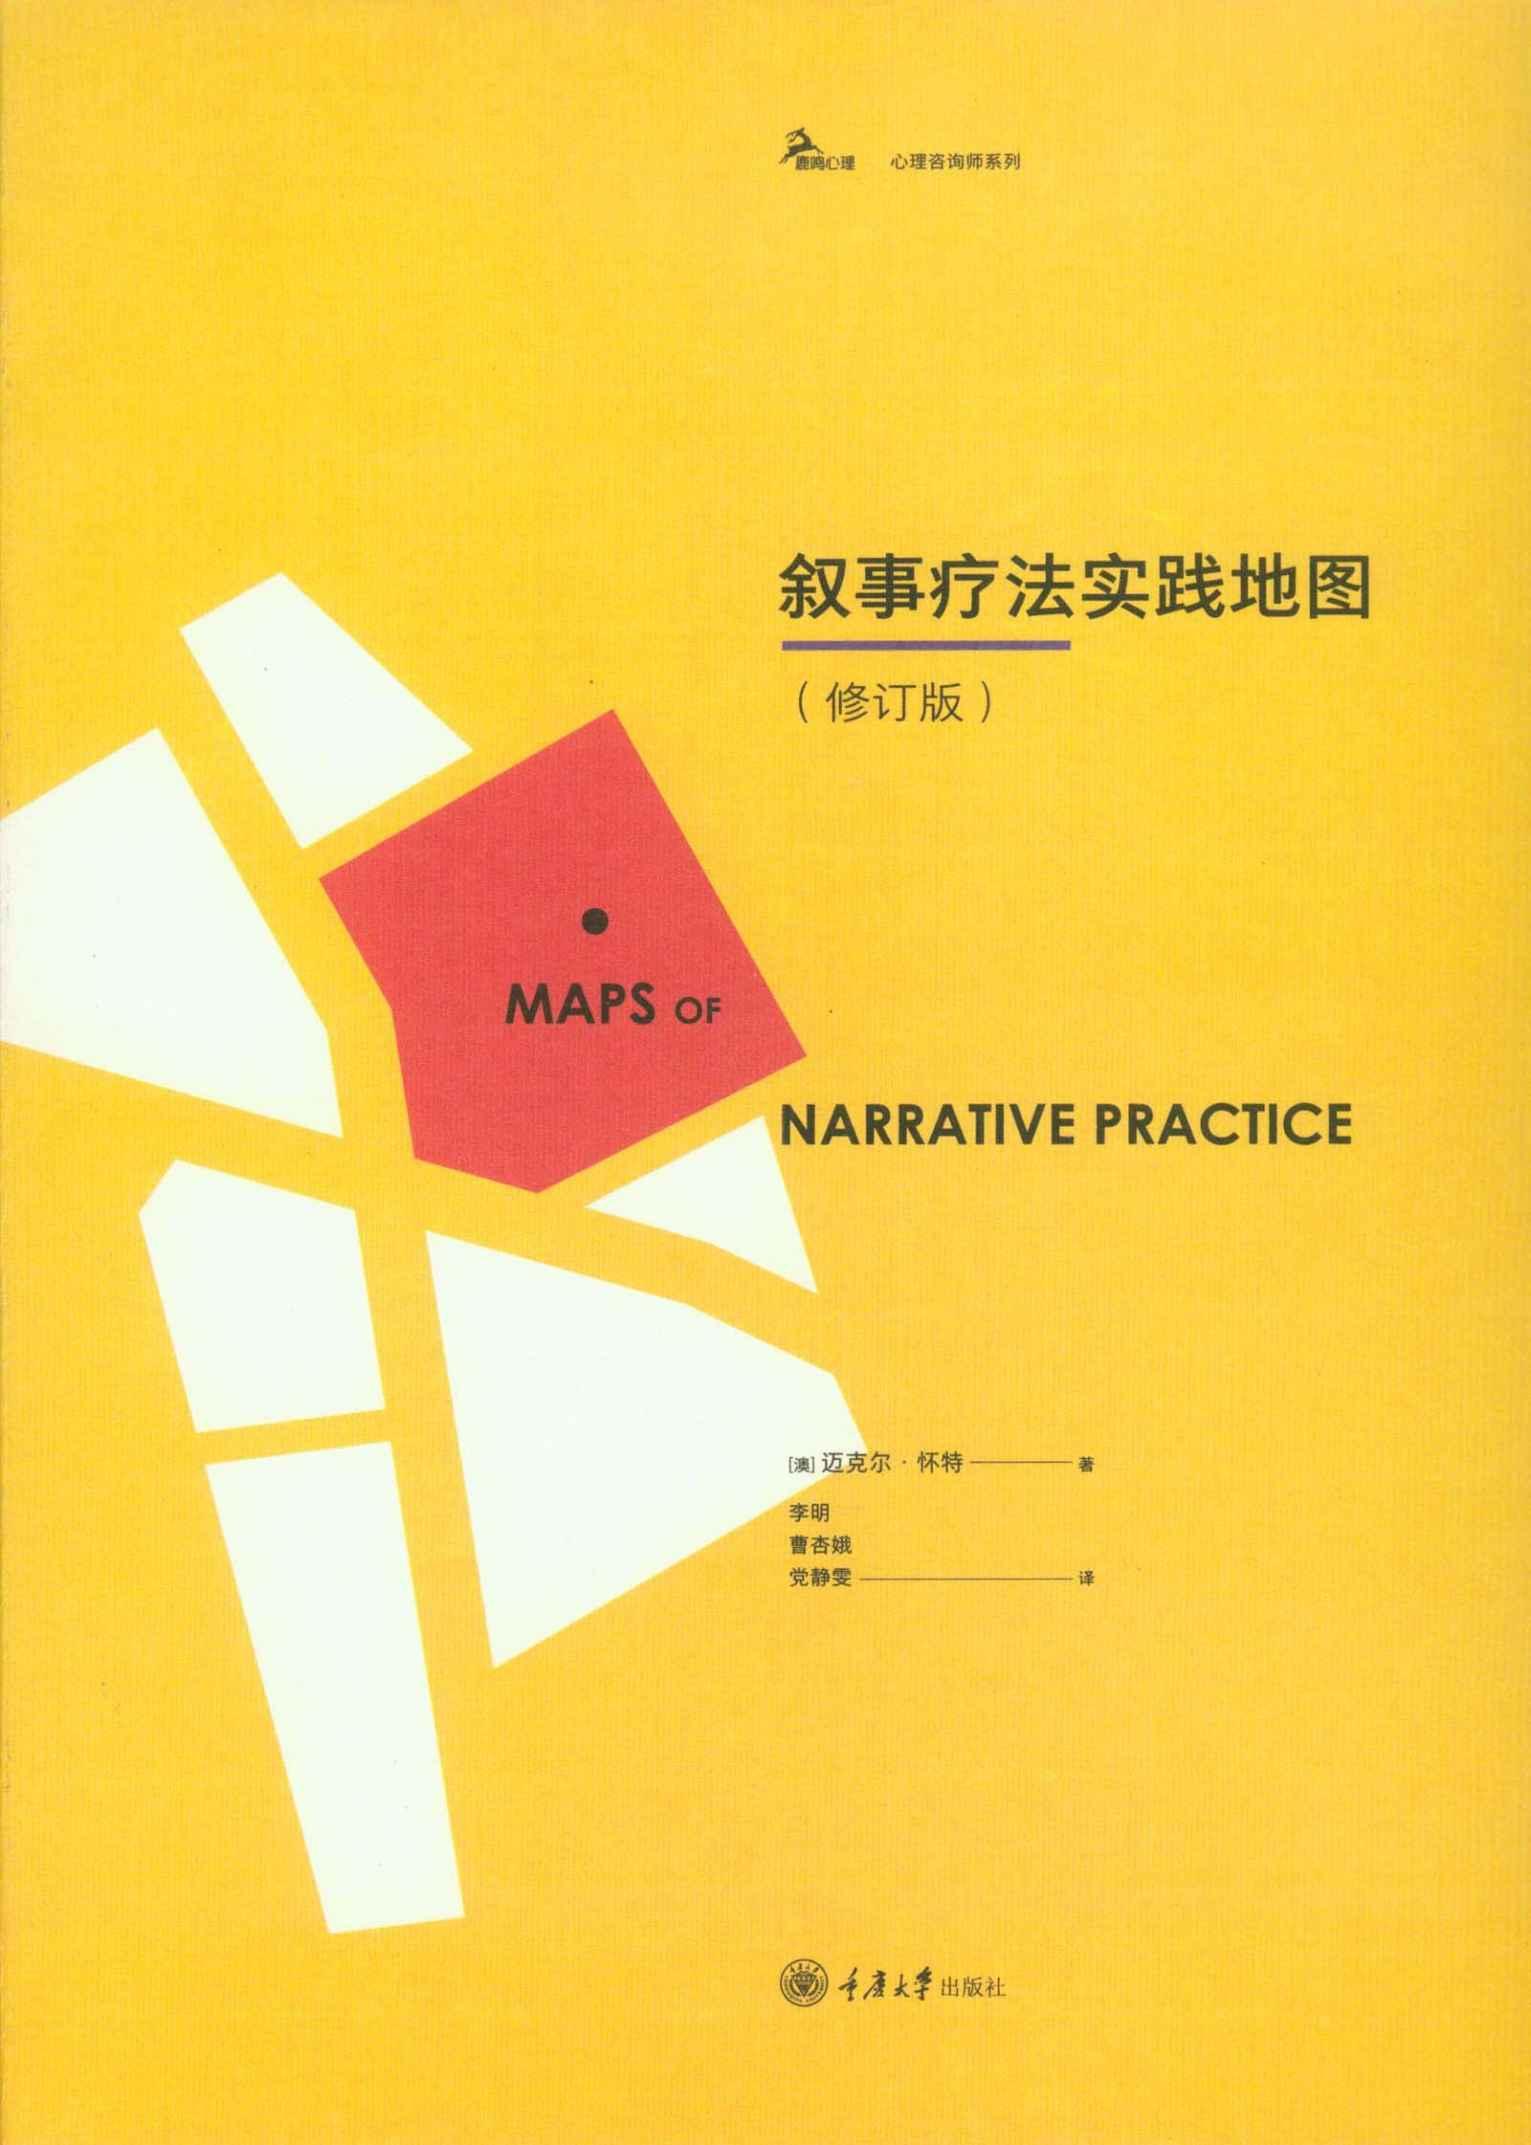 叙事疗法实践地图 : 修订版 迈克尔·怀特pdf-epub-mobi-txt-azw3